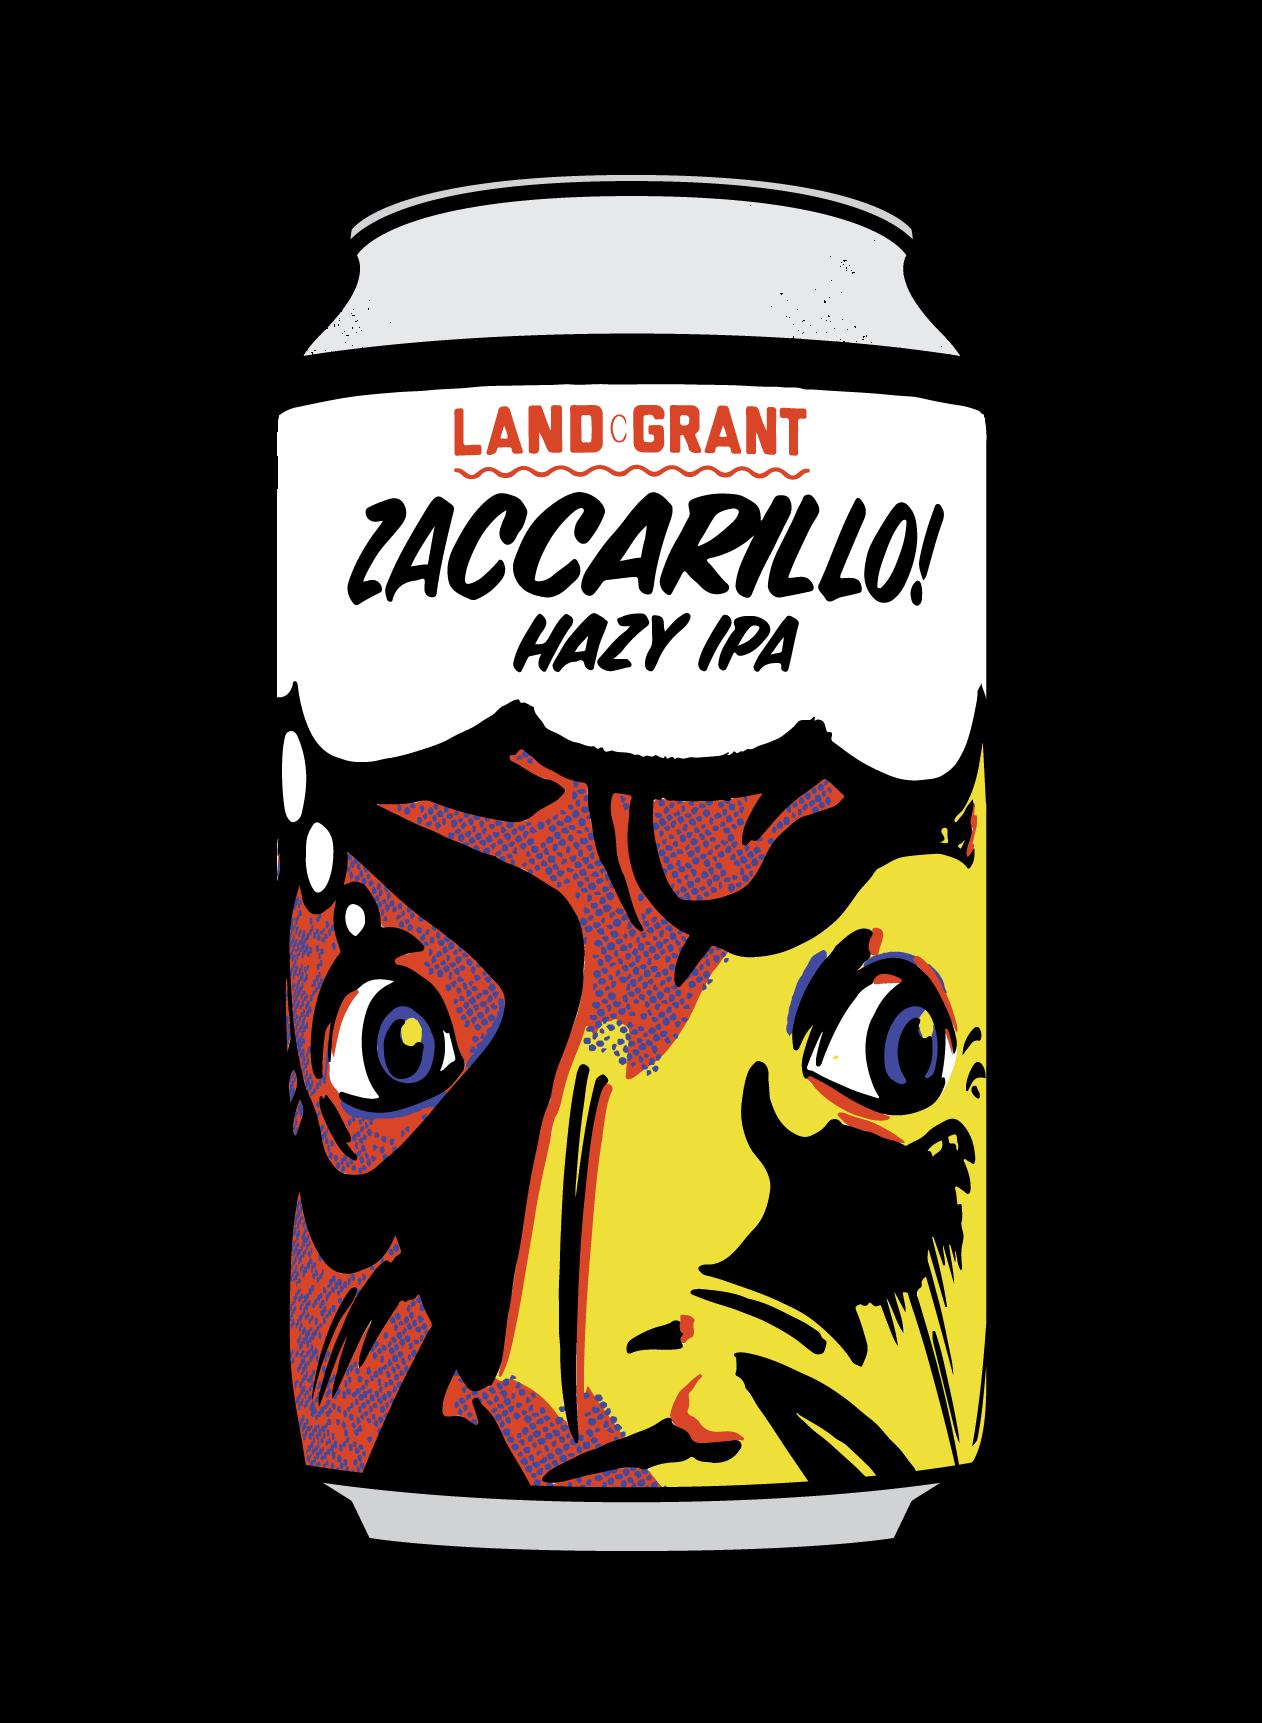 Zaccarillo! Image